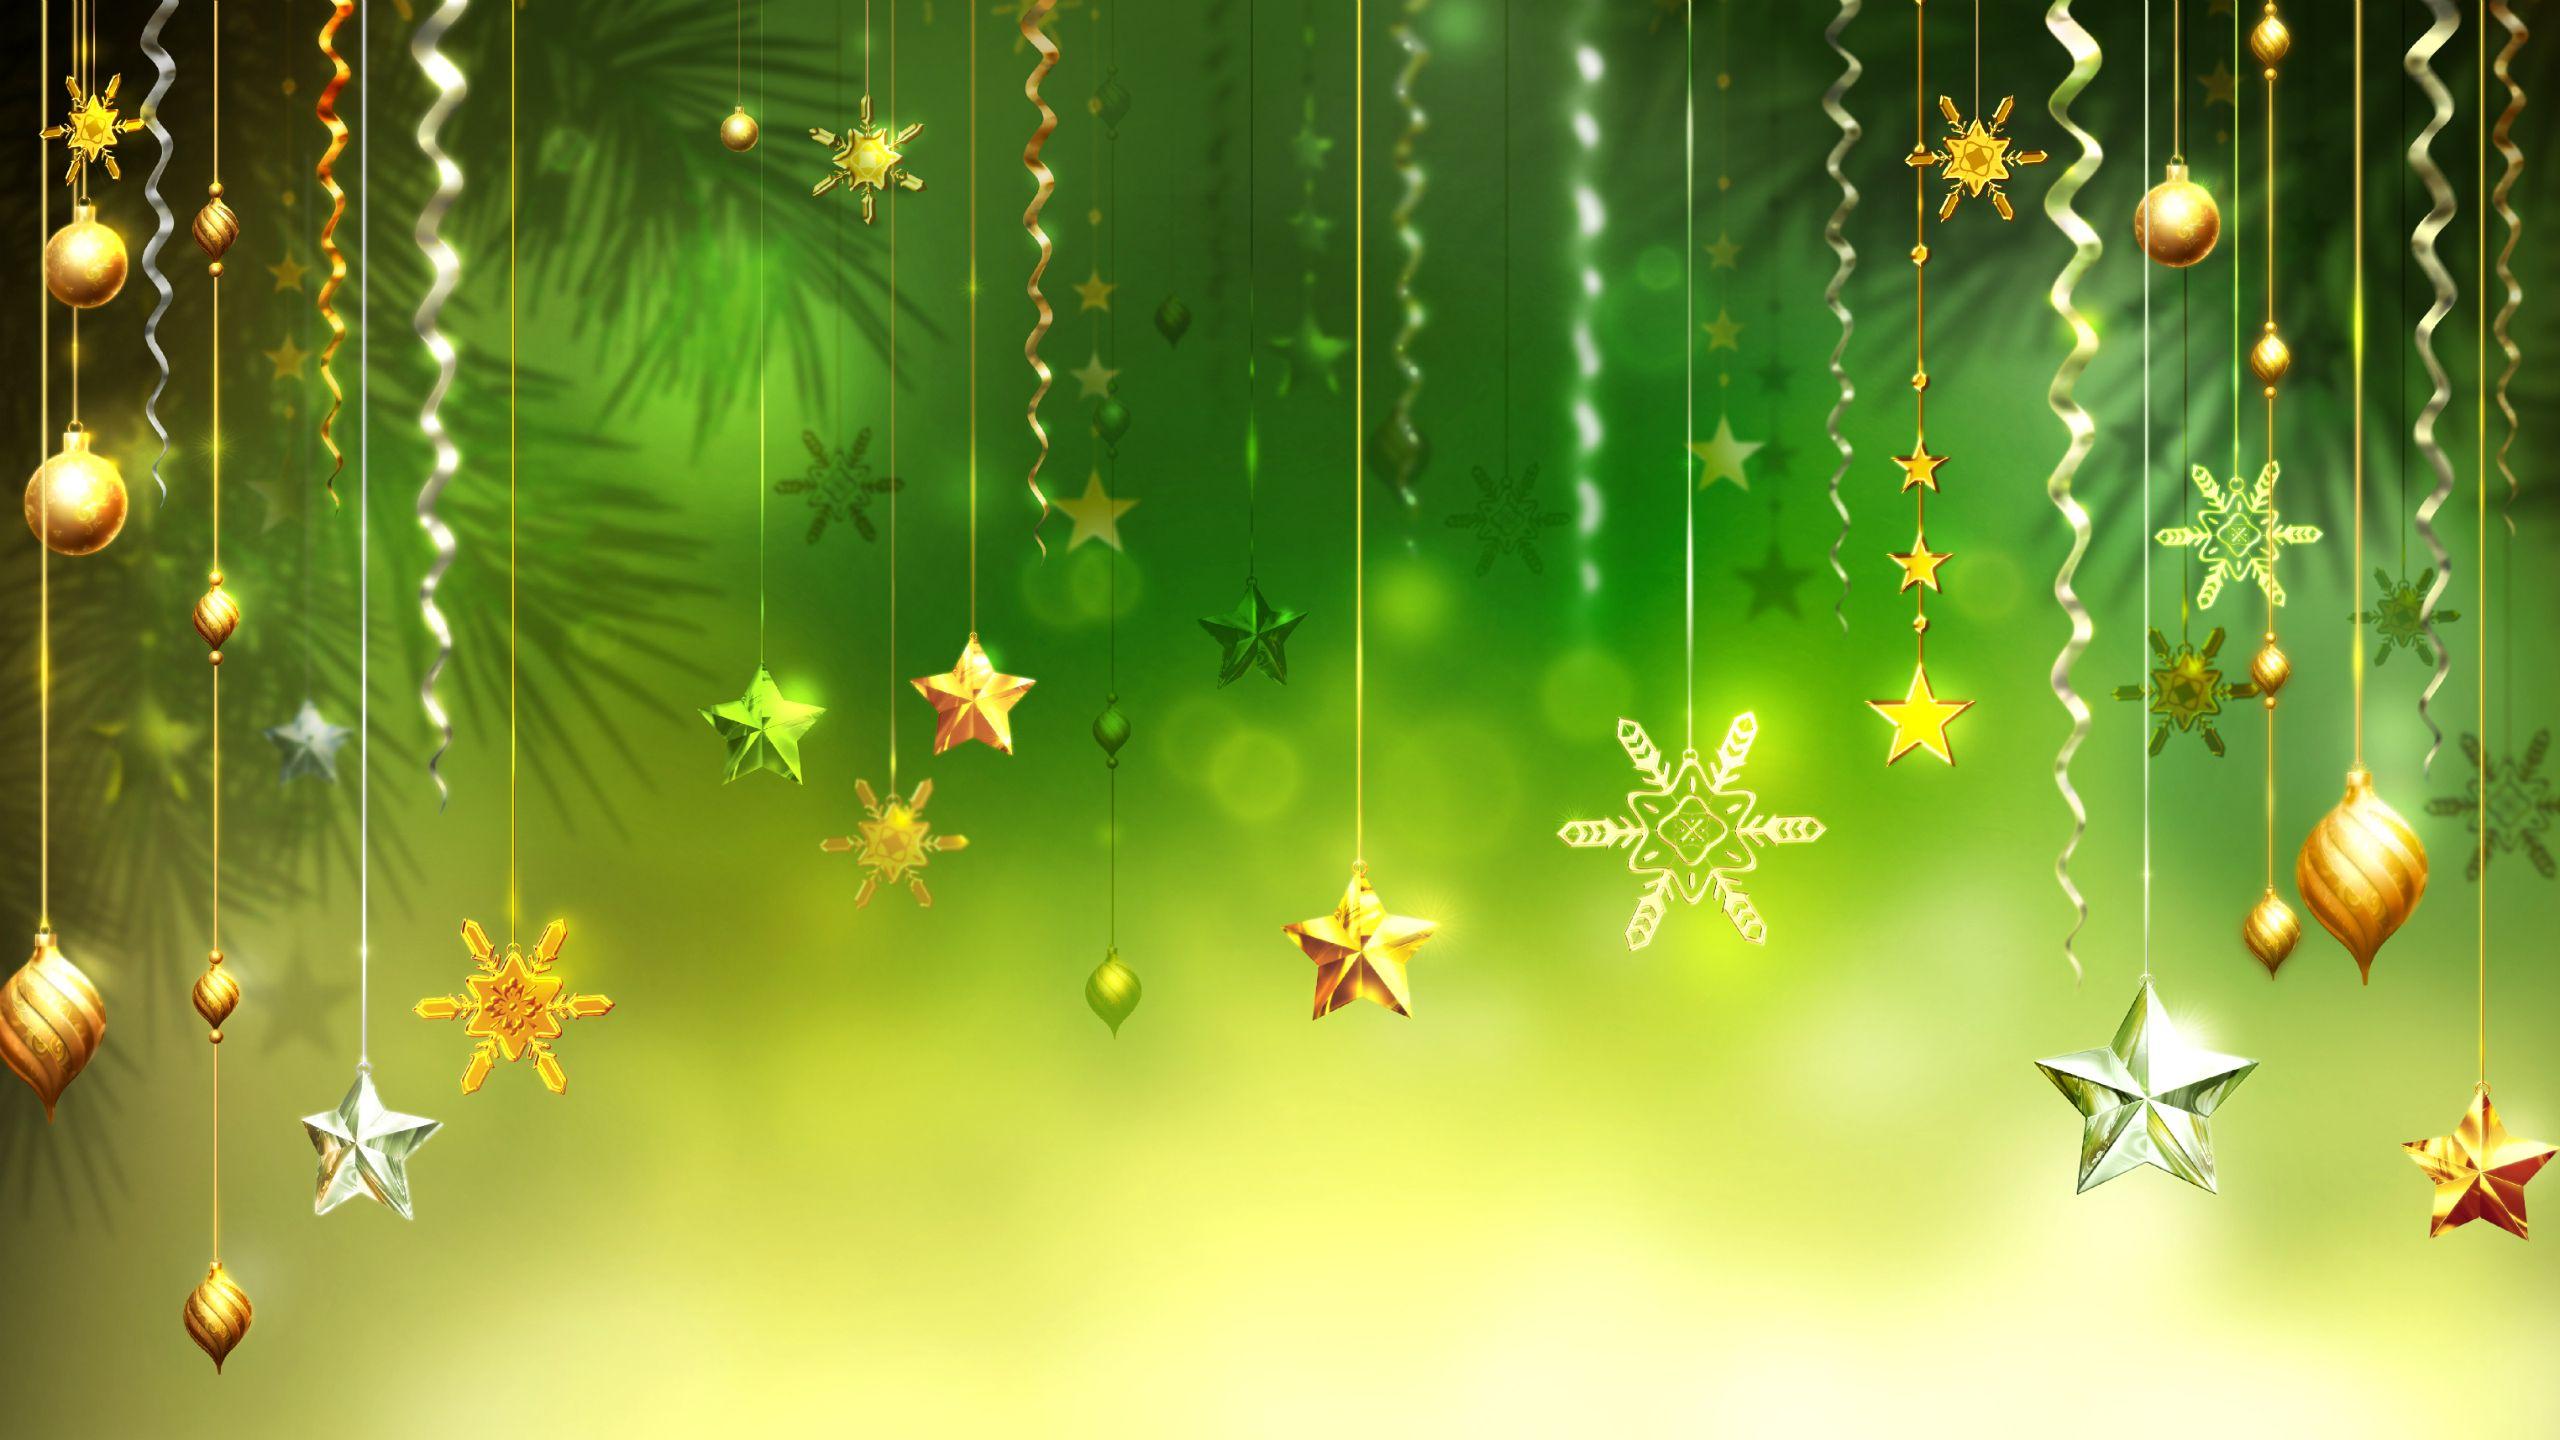 Christmas Wallpaper Merry Christmas Christmas Wallpaper Christmas Wallpaper Hd Merry Christmas Wallpaper Feliz natal wallpaper hd